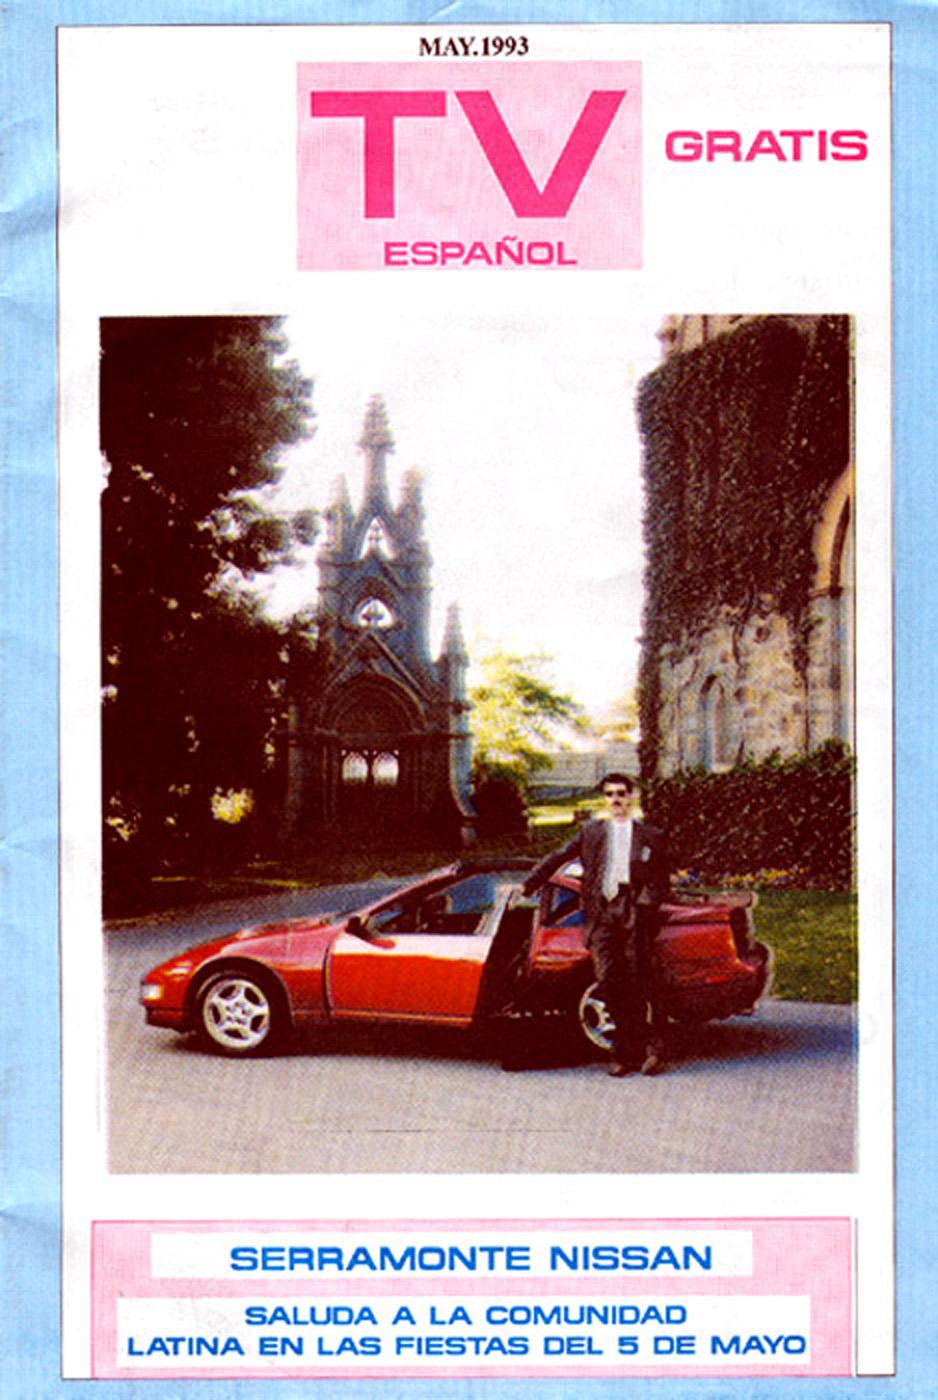 Mayo 1993 copy.jpeg